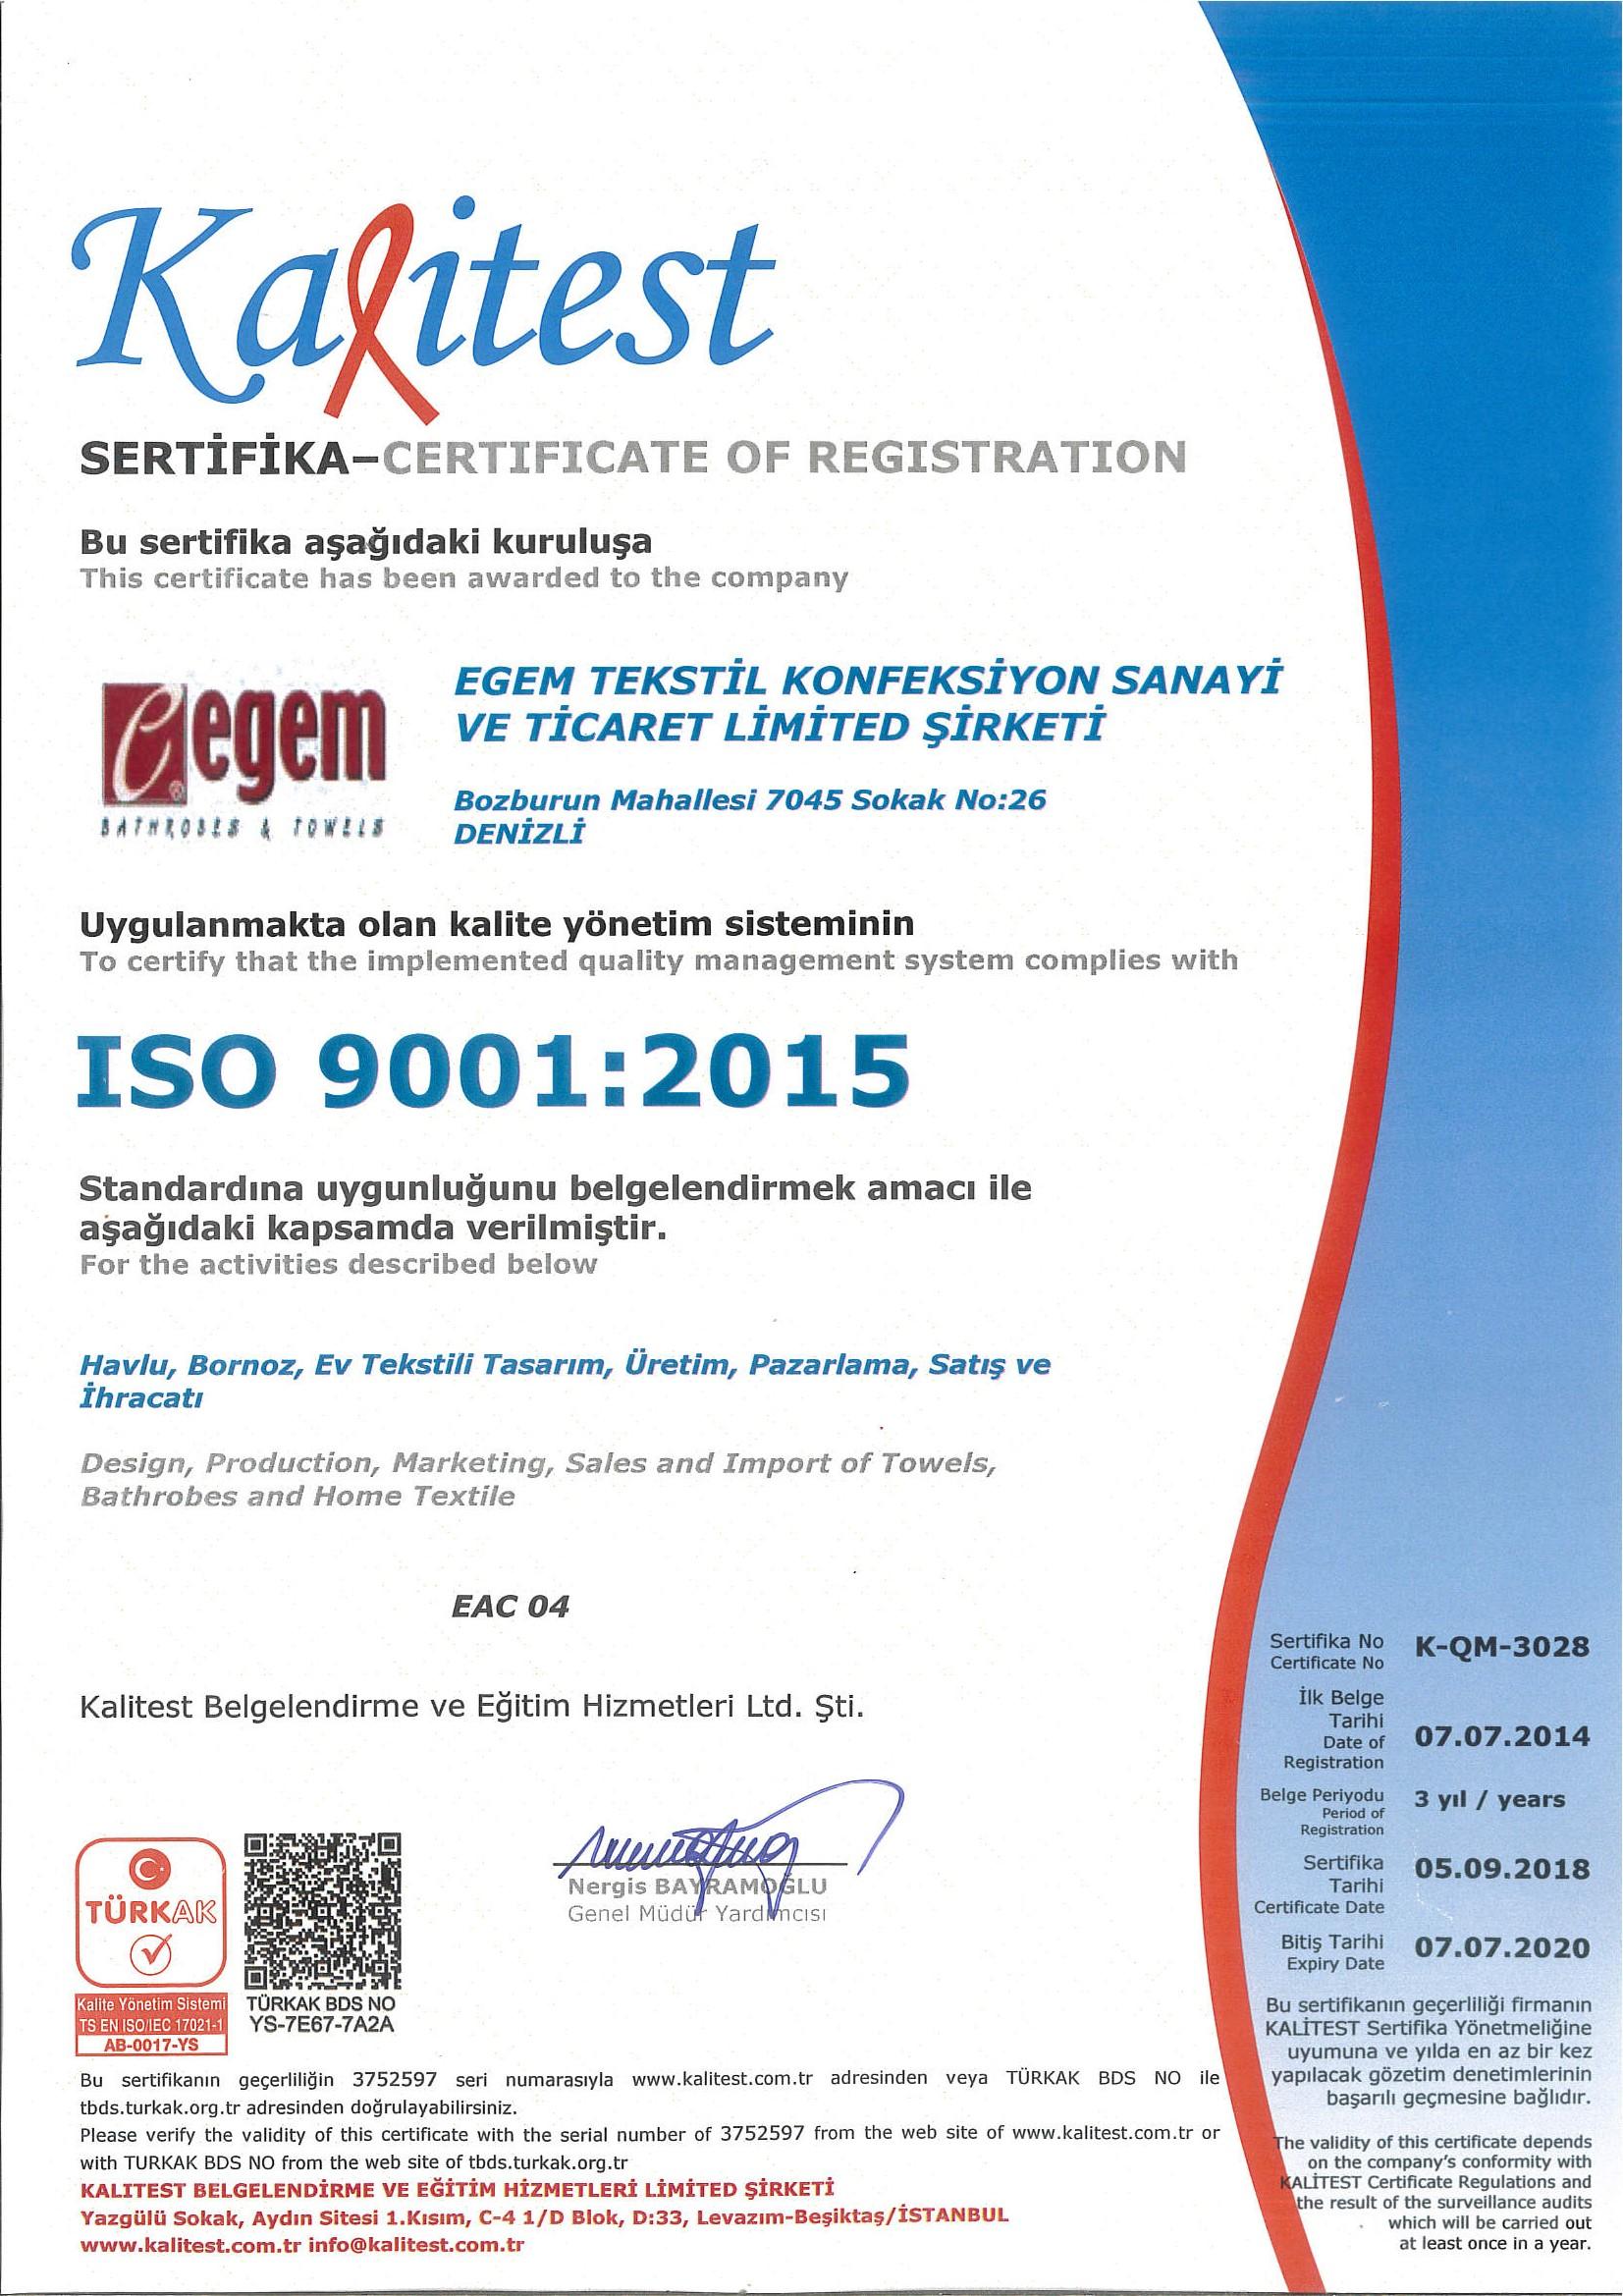 İSO 90012015 SERTİFİKA 2018 (1)